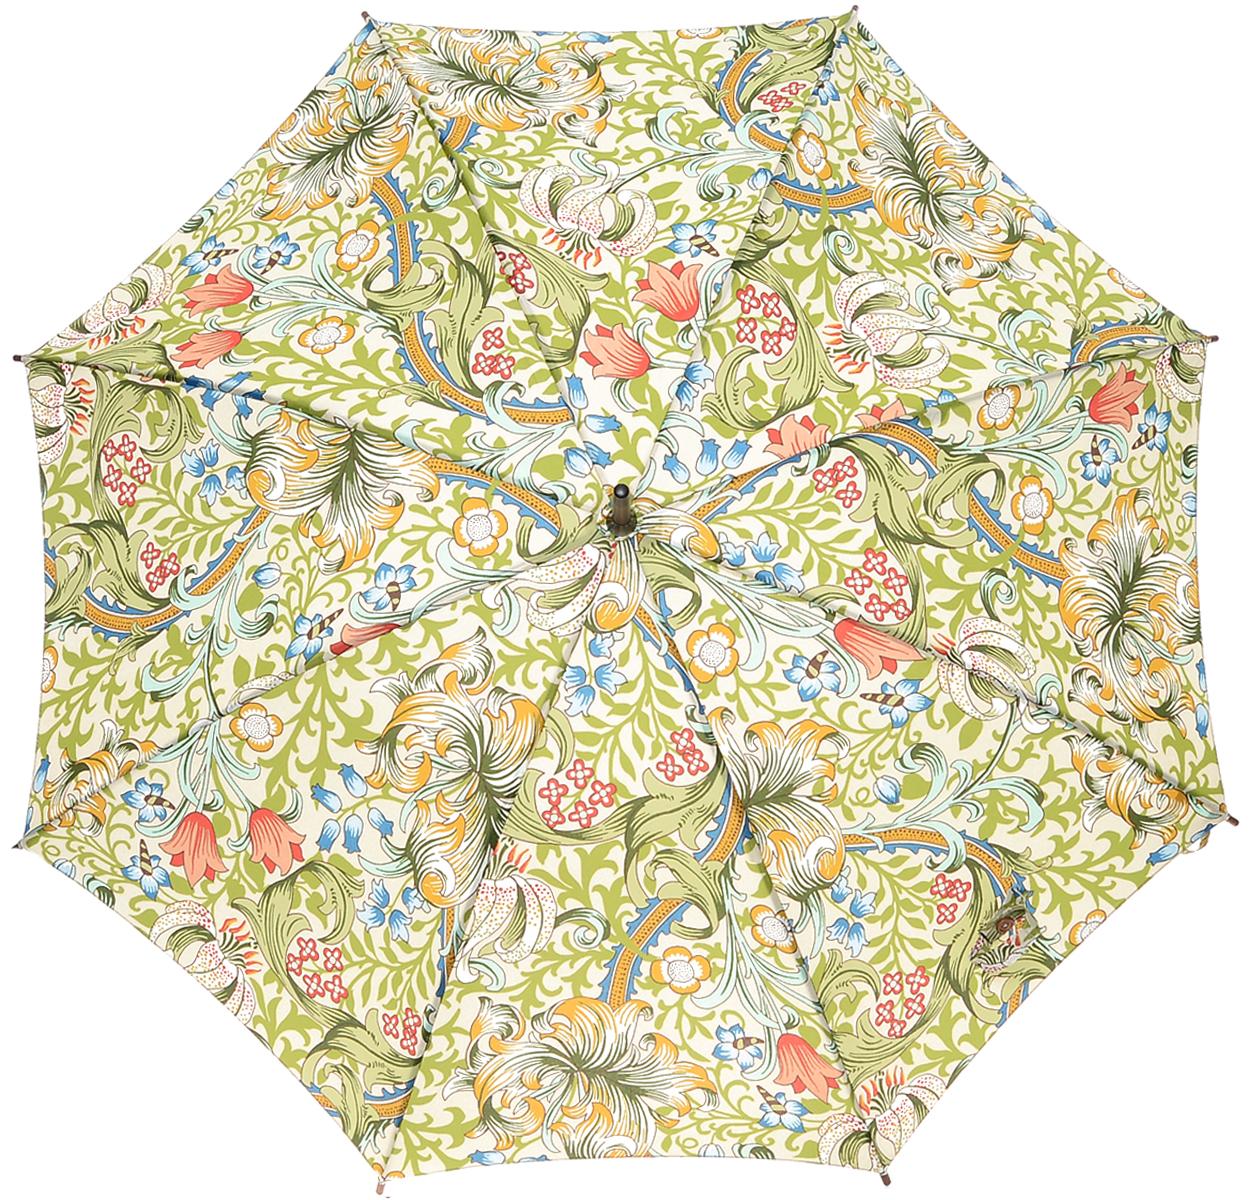 Зонт-трость женский Golden Lily, механический, цвет: зеленый191I-1714Стильный механический зонт-трость Golden Lily даже в ненастную погоду позволит вам оставаться элегантной. Облегченный каркас зонта выполнен из 8 спиц из стали, стержень изготовлен из дерева. Купол зонта выполнен из прочного полиэстера и оформлен растительным принтом. Рукоятка закругленной формы разработана с учетом требований эргономики и выполнена из дерева. Зонт имеет механический тип сложения: купол открывается и закрывается вручную до характерного щелчка.Такой зонт не только надежно защитит вас от дождя, но и станет стильным аксессуаром. Характеристики:Материал: полиэстер, сталь, дерево. Диаметр купола: 102 см.Цвет: зеленый. Длина стержня зонта: 78 см. Длина зонта (в сложенном виде): 89 см.Вес: 370 г.Артикул: L715 3S1605.